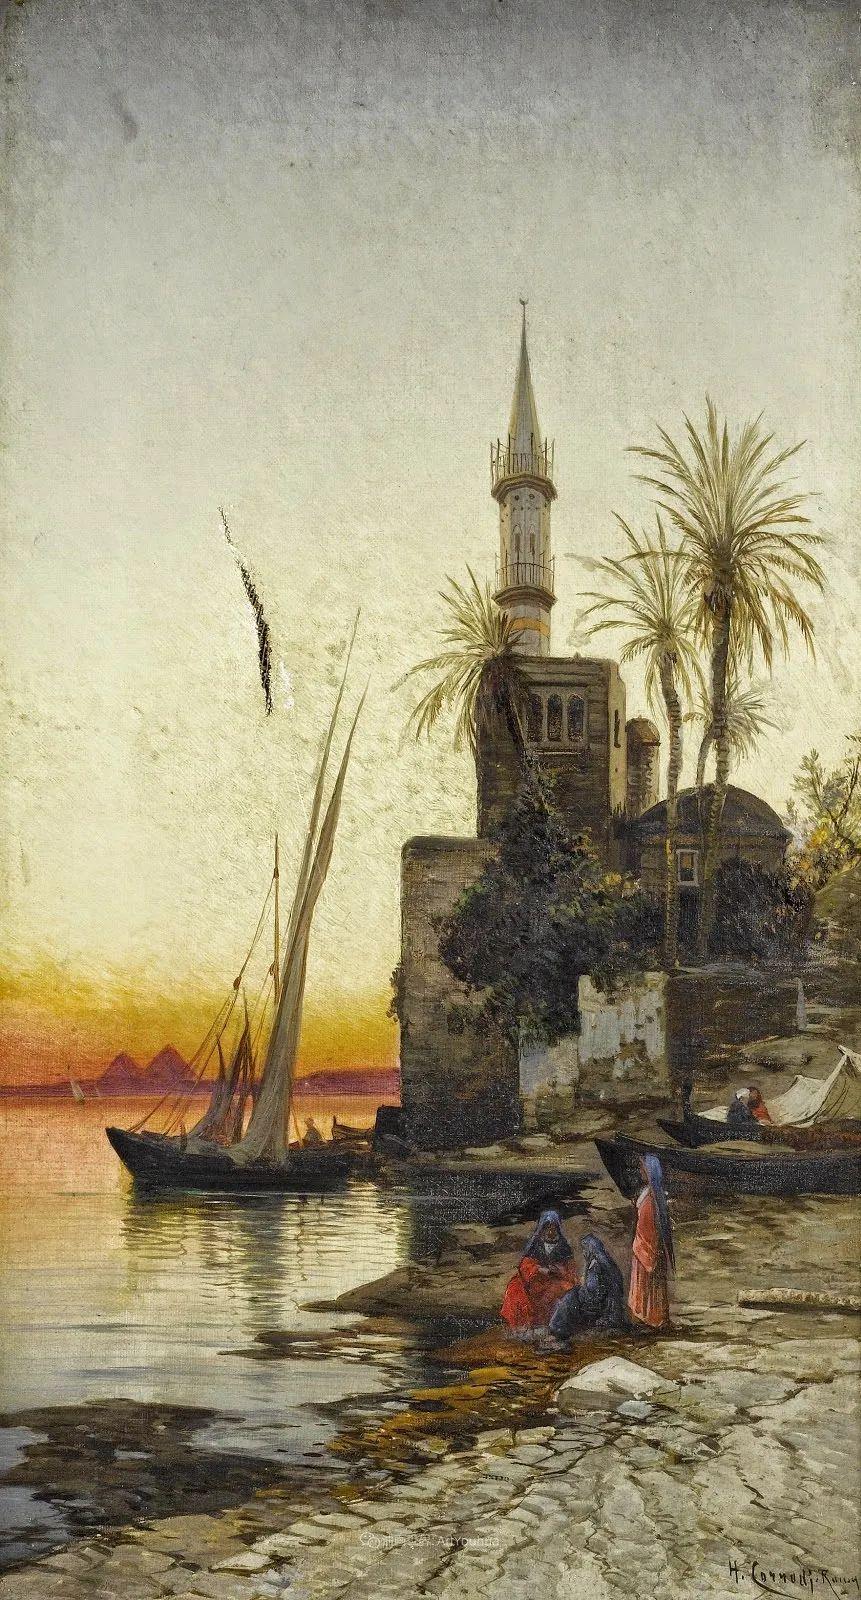 百年前的巨幅风景画,恢弘壮丽!插图99